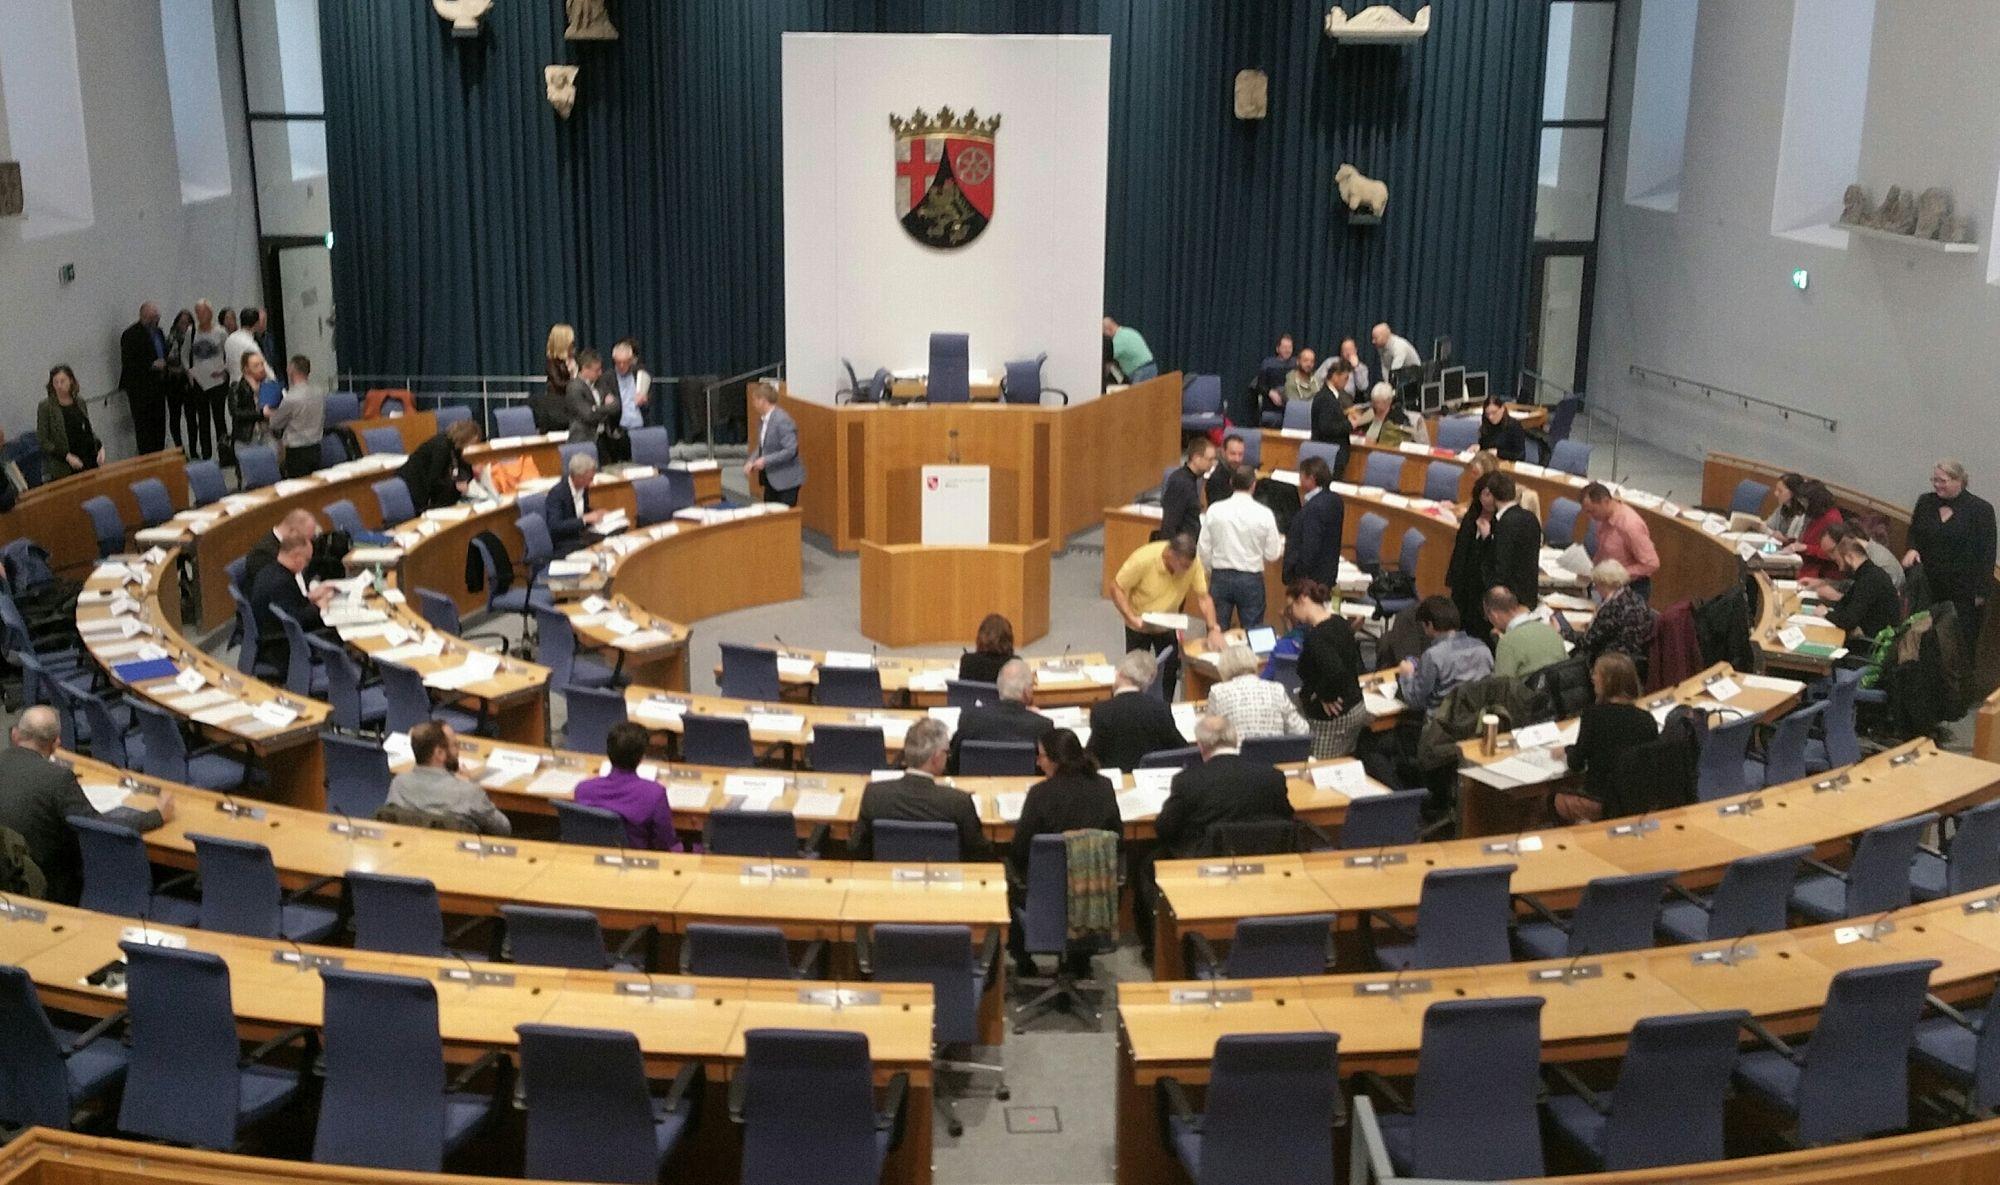 Wechselnde Mehrheiten im Stadtrat jenseits der Ampel-Koalition sind möglich